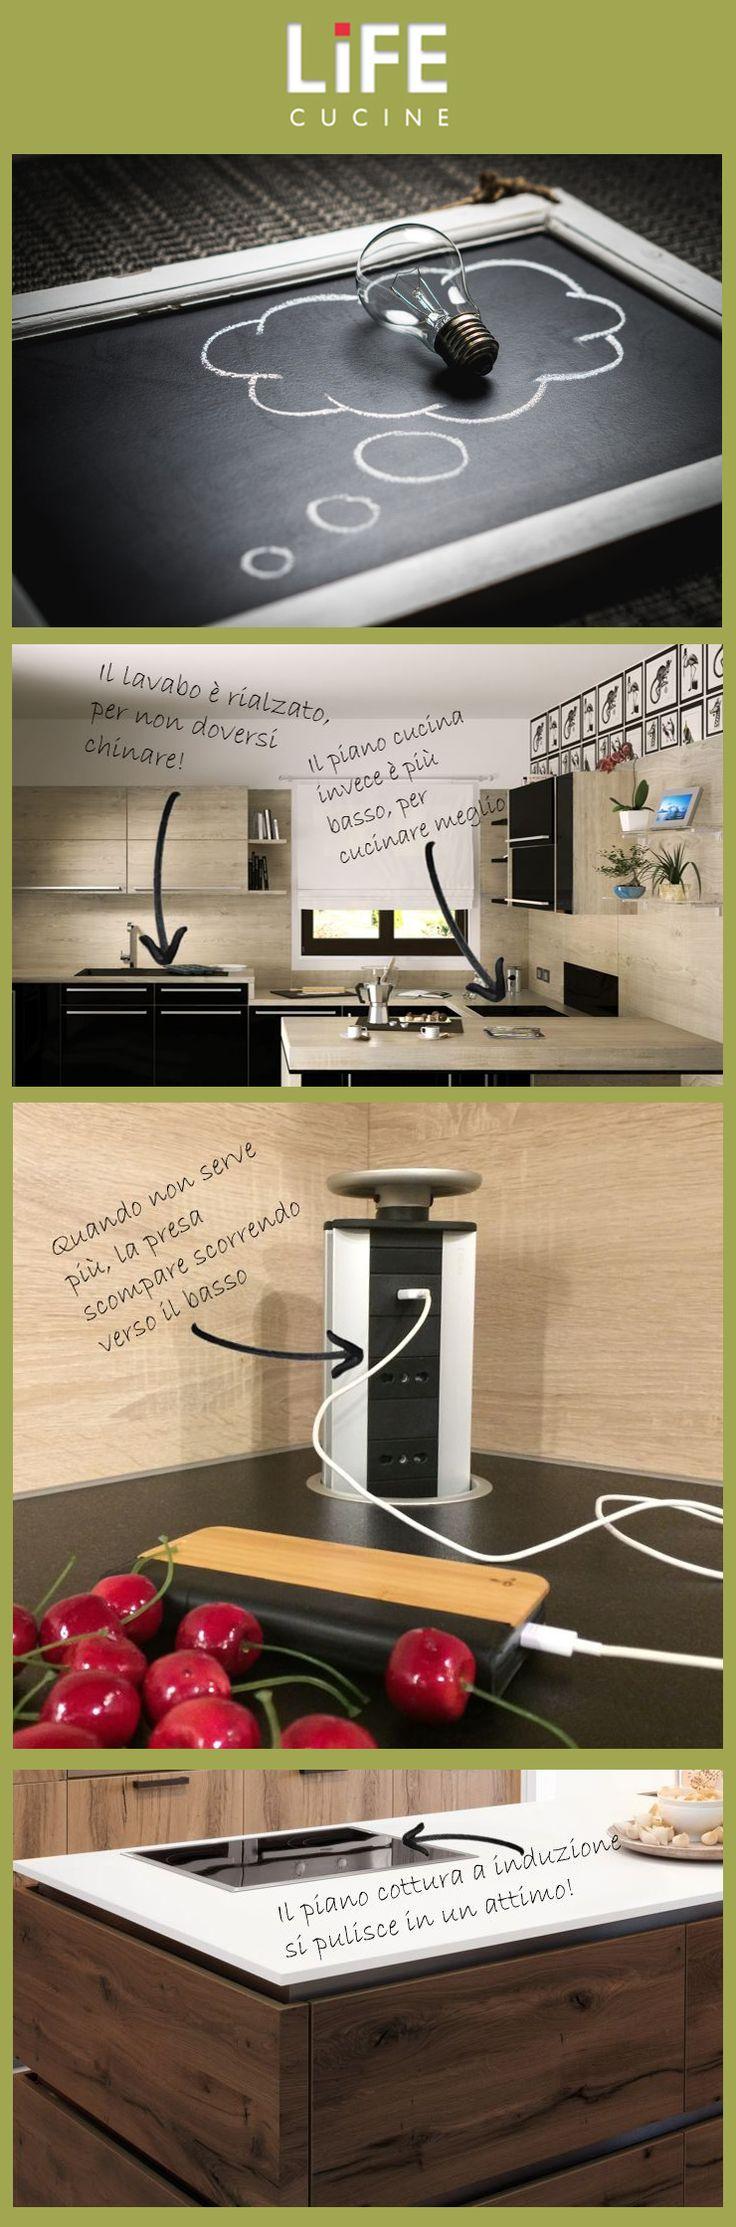 Scegliere l'arredamento: 5 idee per una cucina comoda e ordinata. Scopri tutti i nostri suggerimenti sul sito www.lifecucine.com